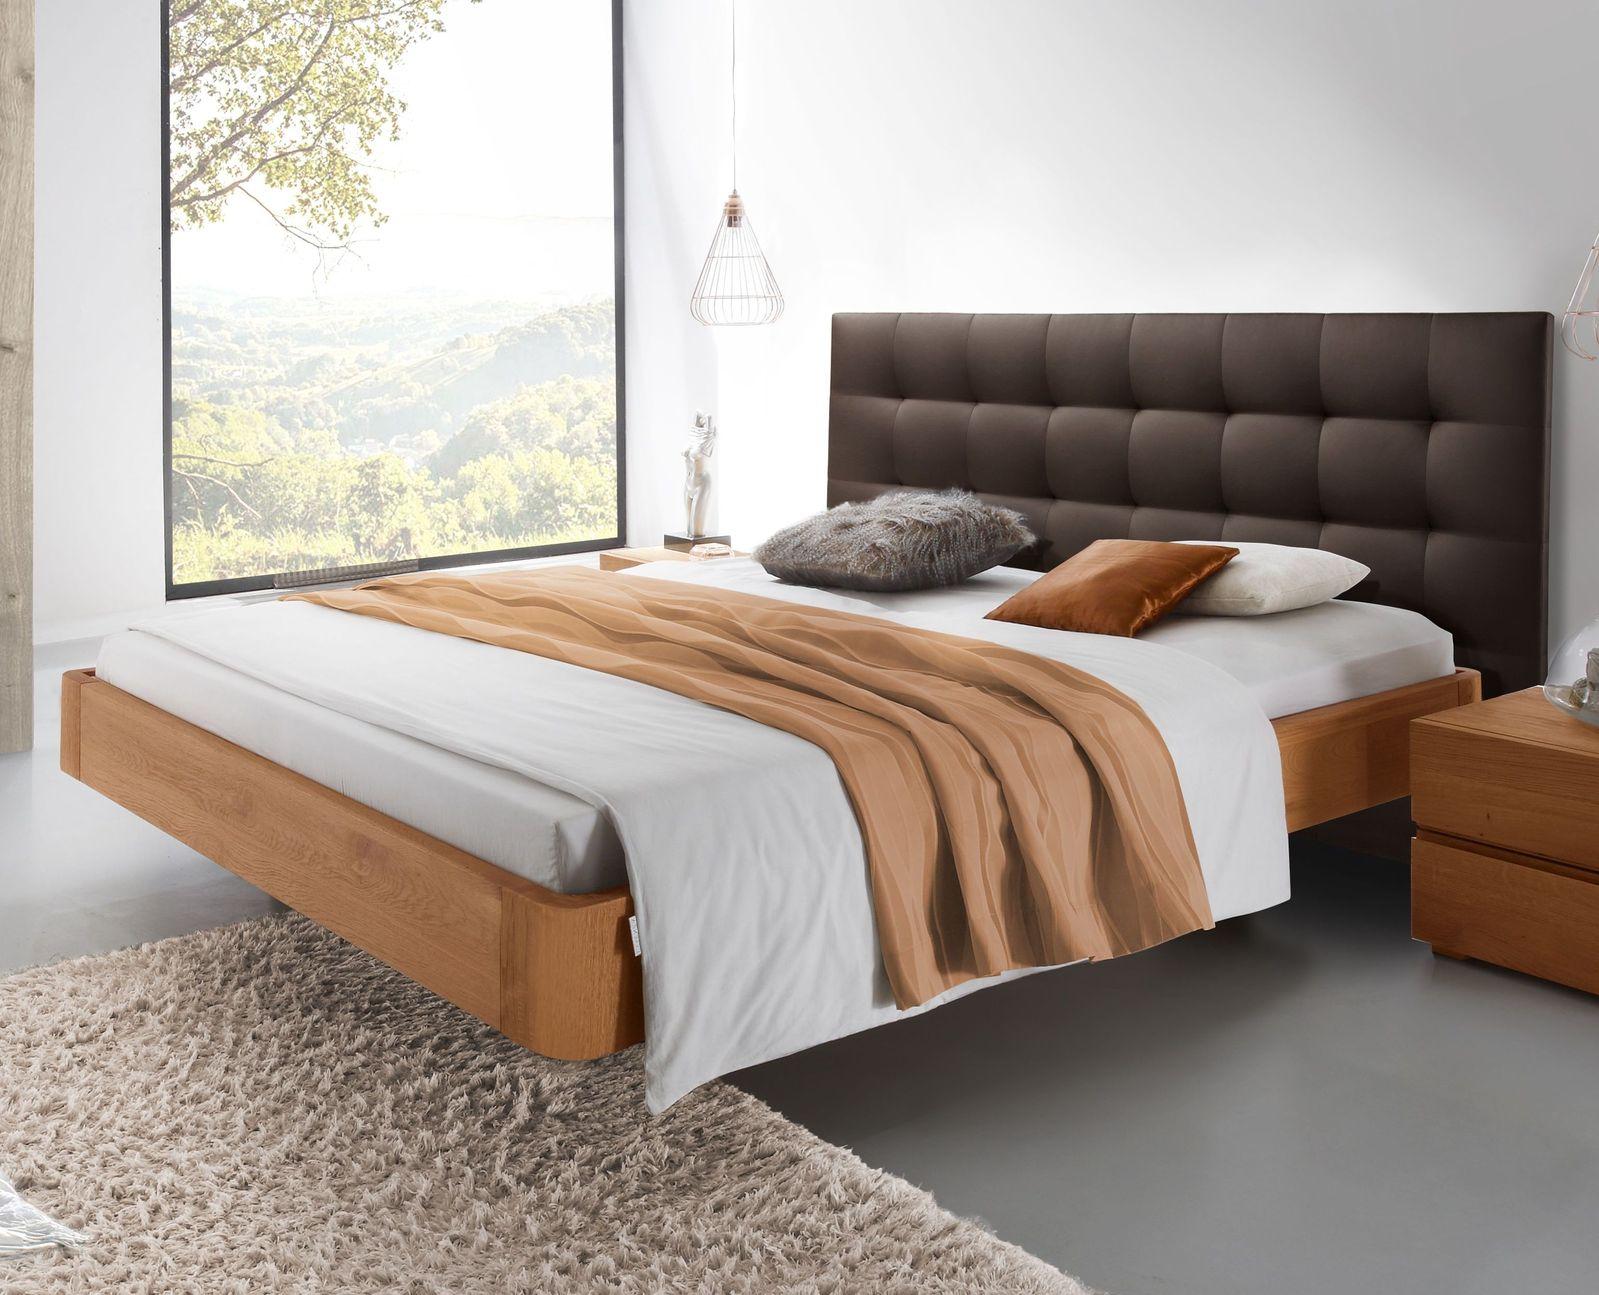 Full Size of Komplettbett 180x220 Bett Schwebende Optik Aus Eiche Natur Behandelt Panama Wohnzimmer Komplettbett 180x220